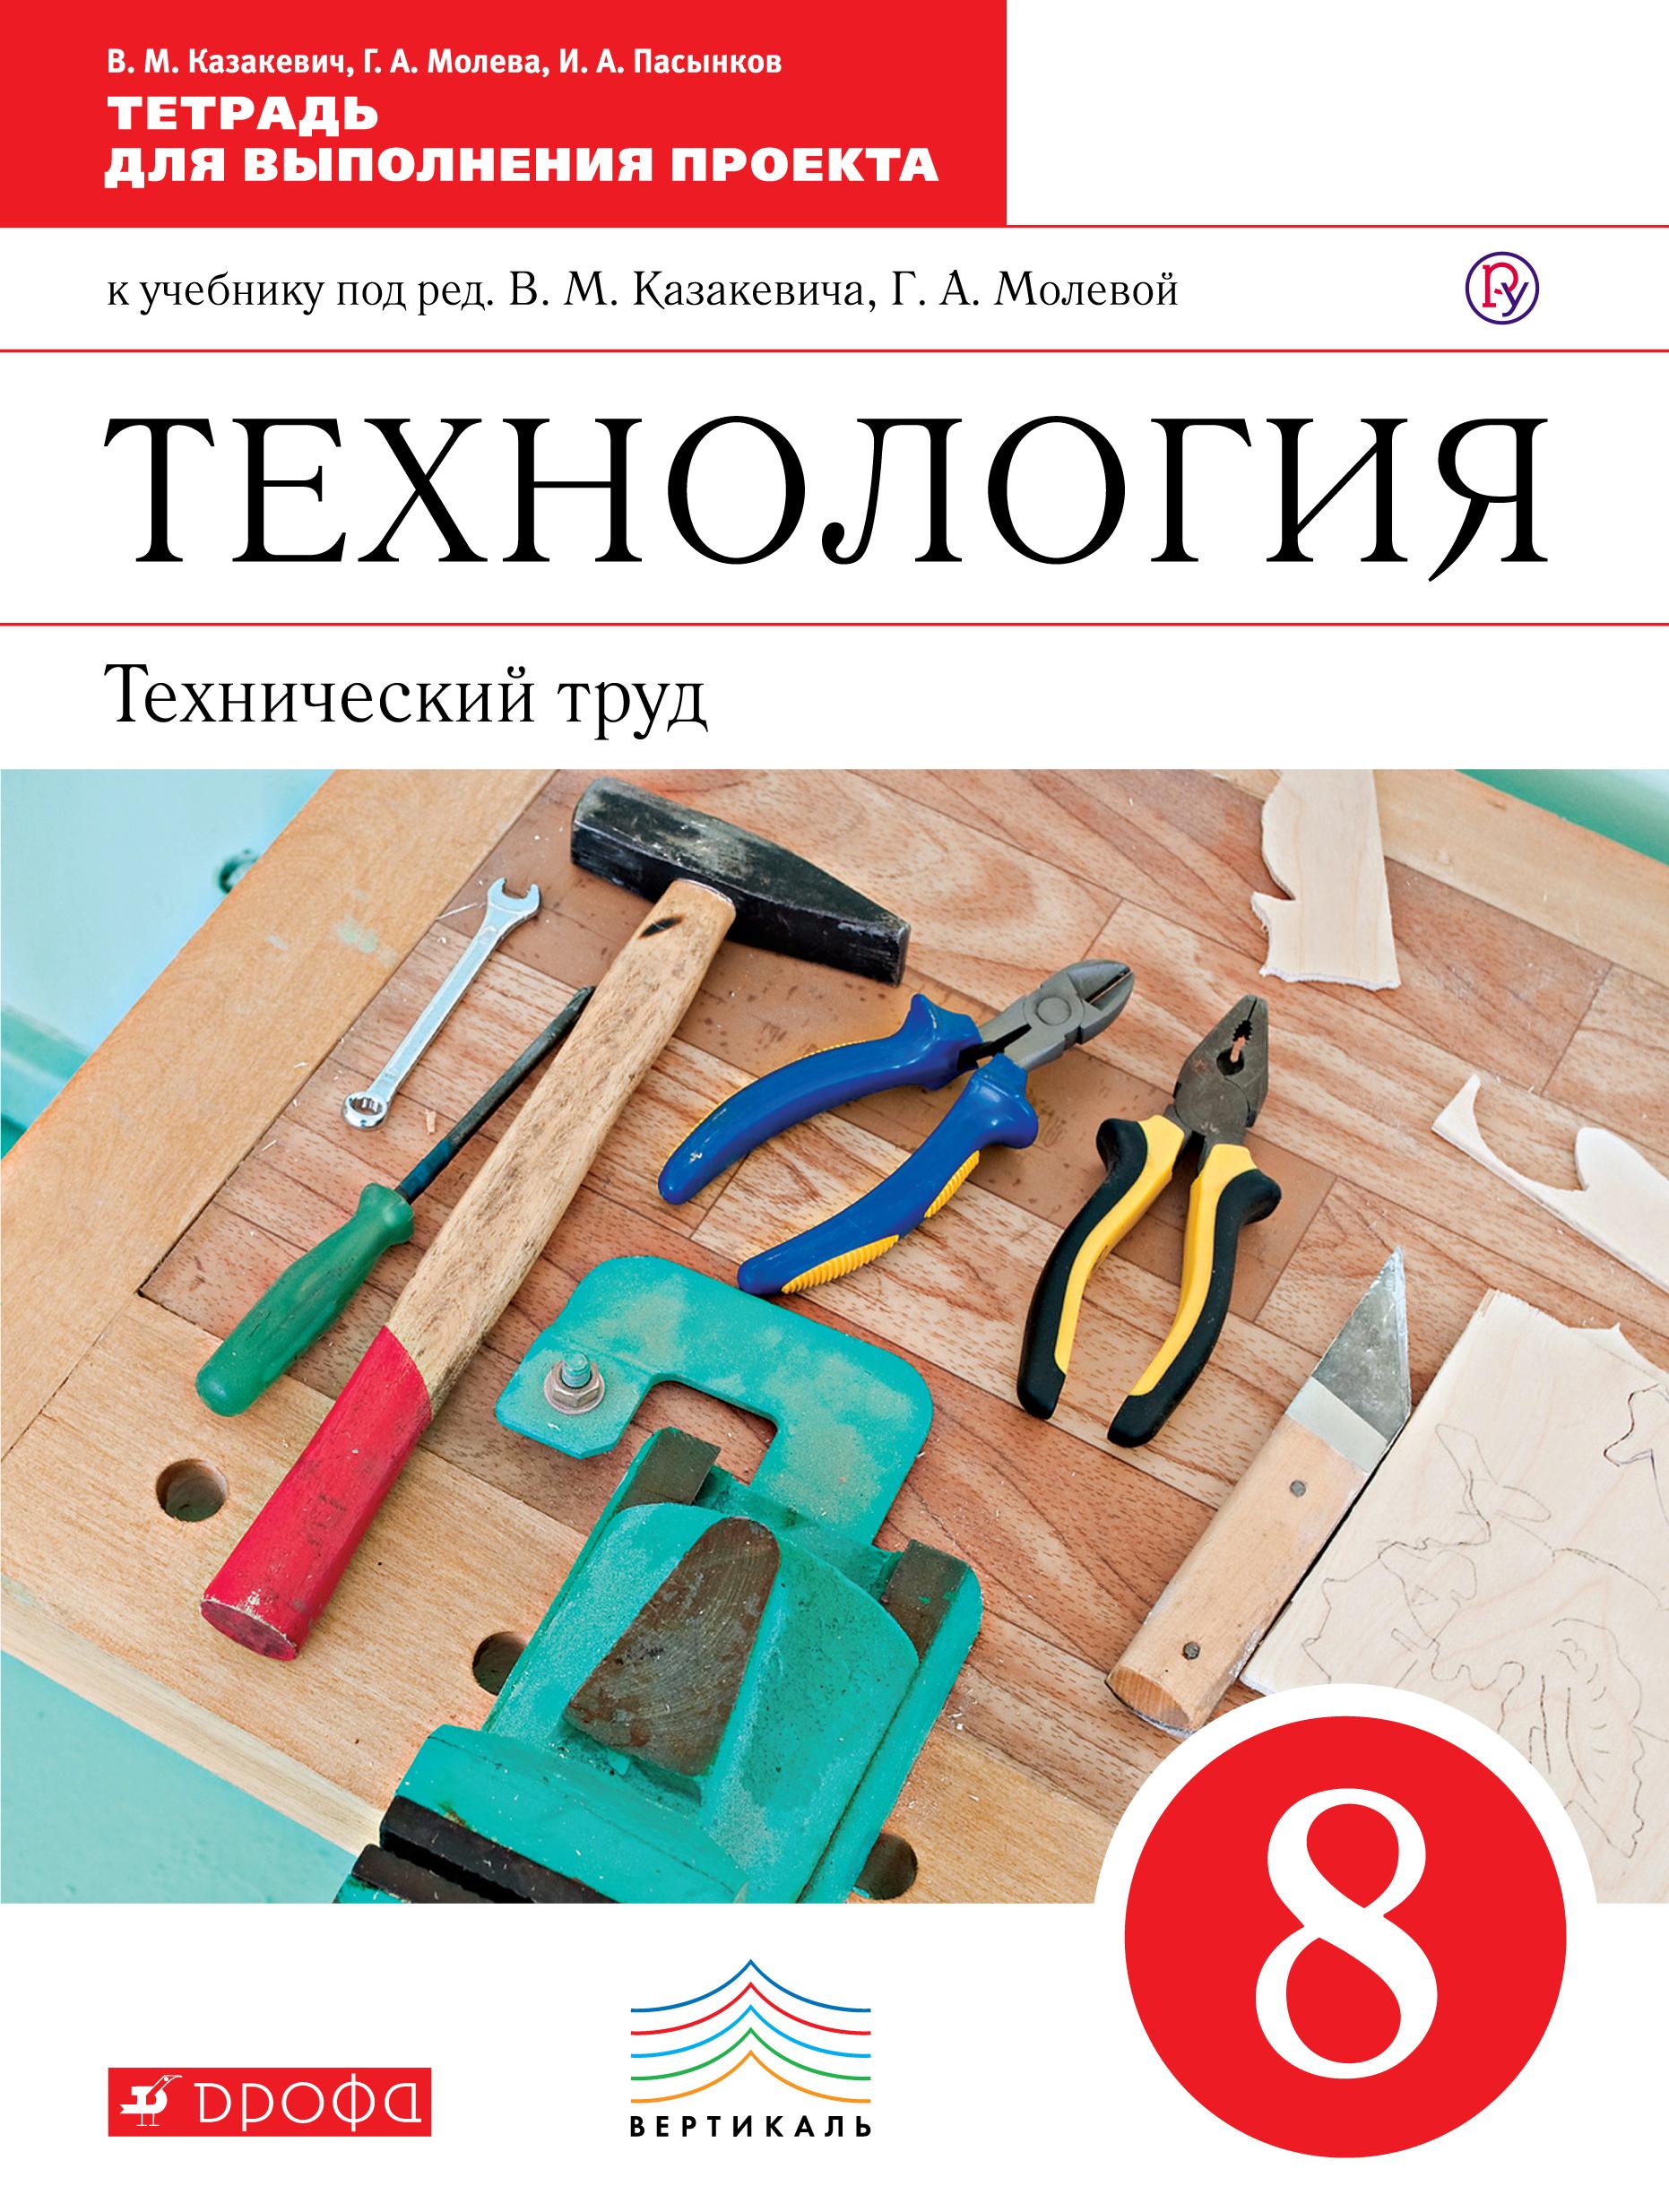 Технология. Технический труд. 8 класс. Тетрадь для выполнения проекта ( Казакевич В.М., Молева Г.А., Пасынков И.А.  )